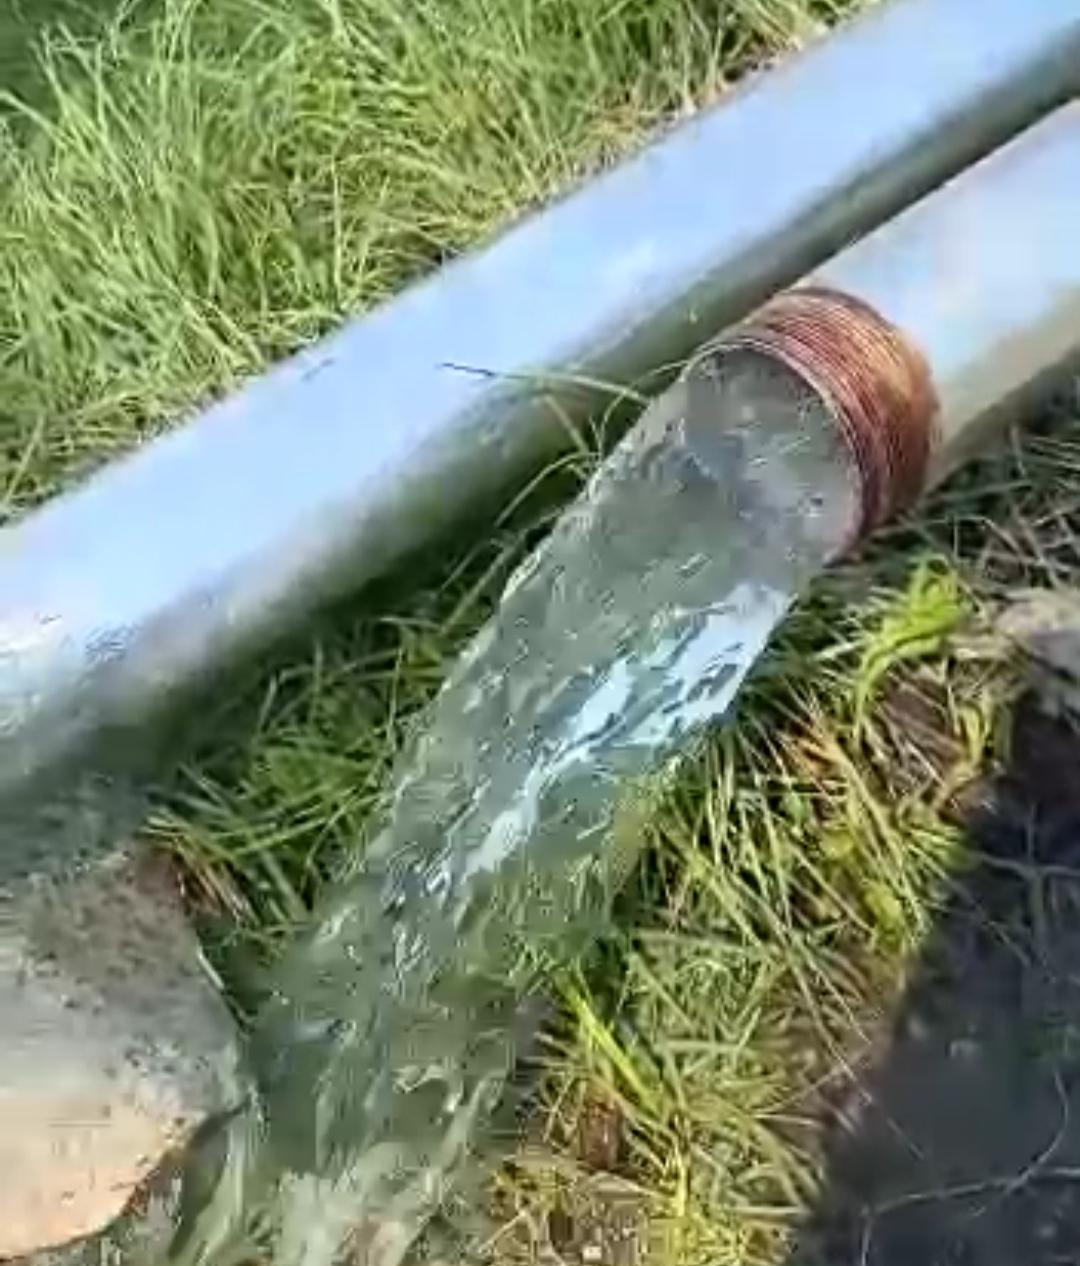 पीने के पानी की दिक्कत झेल रहे है बाशिंदे, लैलन-कोफ़रधार लाइन में नही आता नियमित पानी